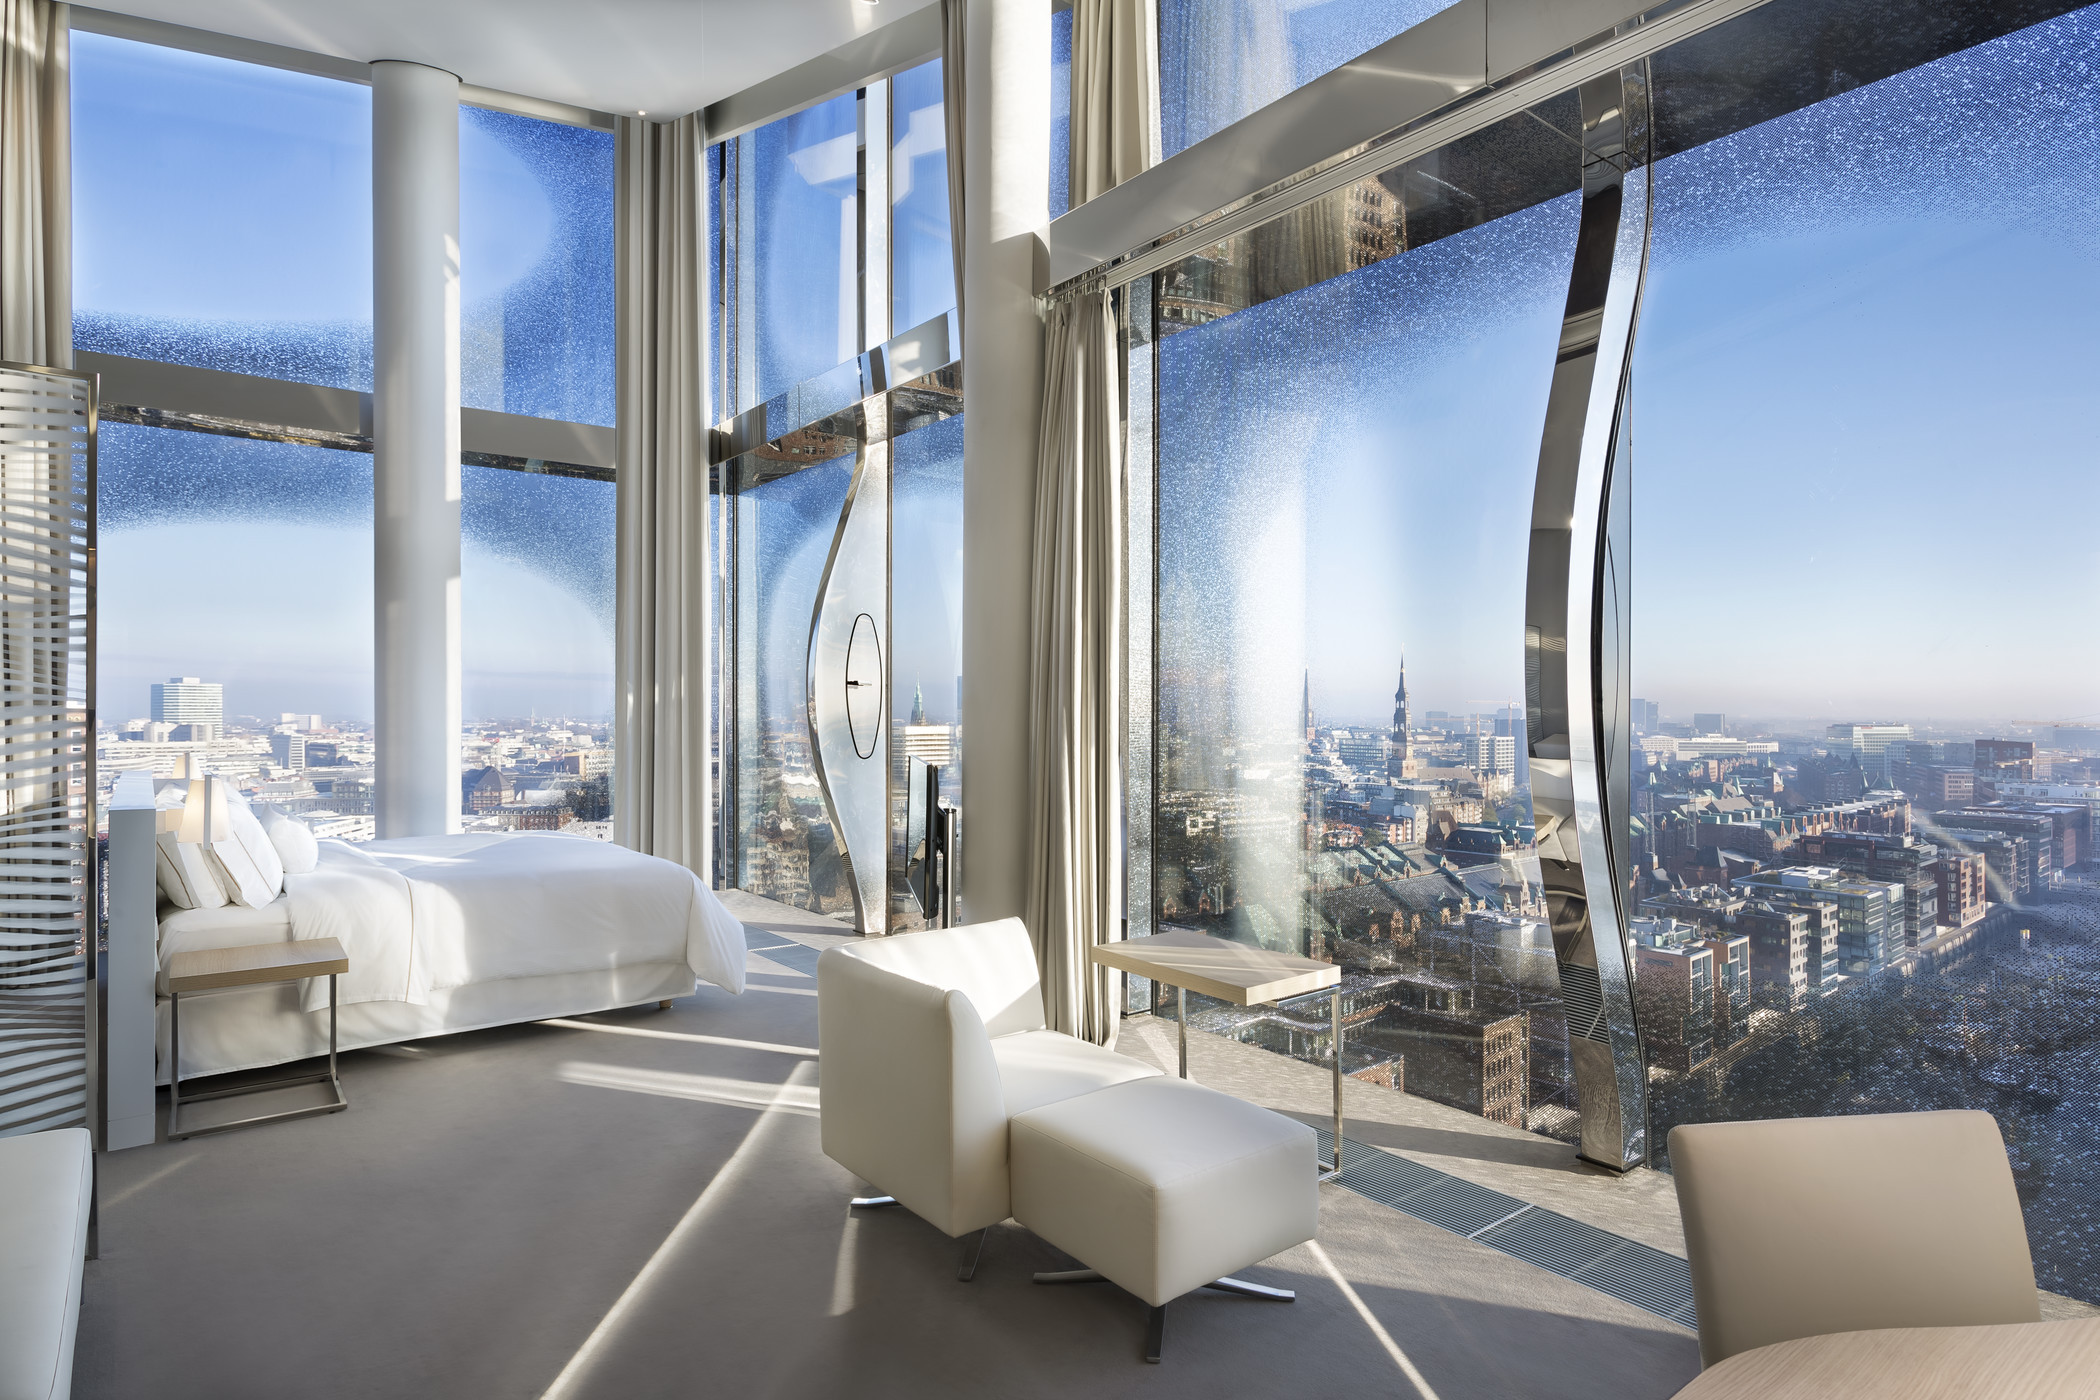 Marriott International - The Westin Hamburg - Panorama suite (Photo: Business Wire)